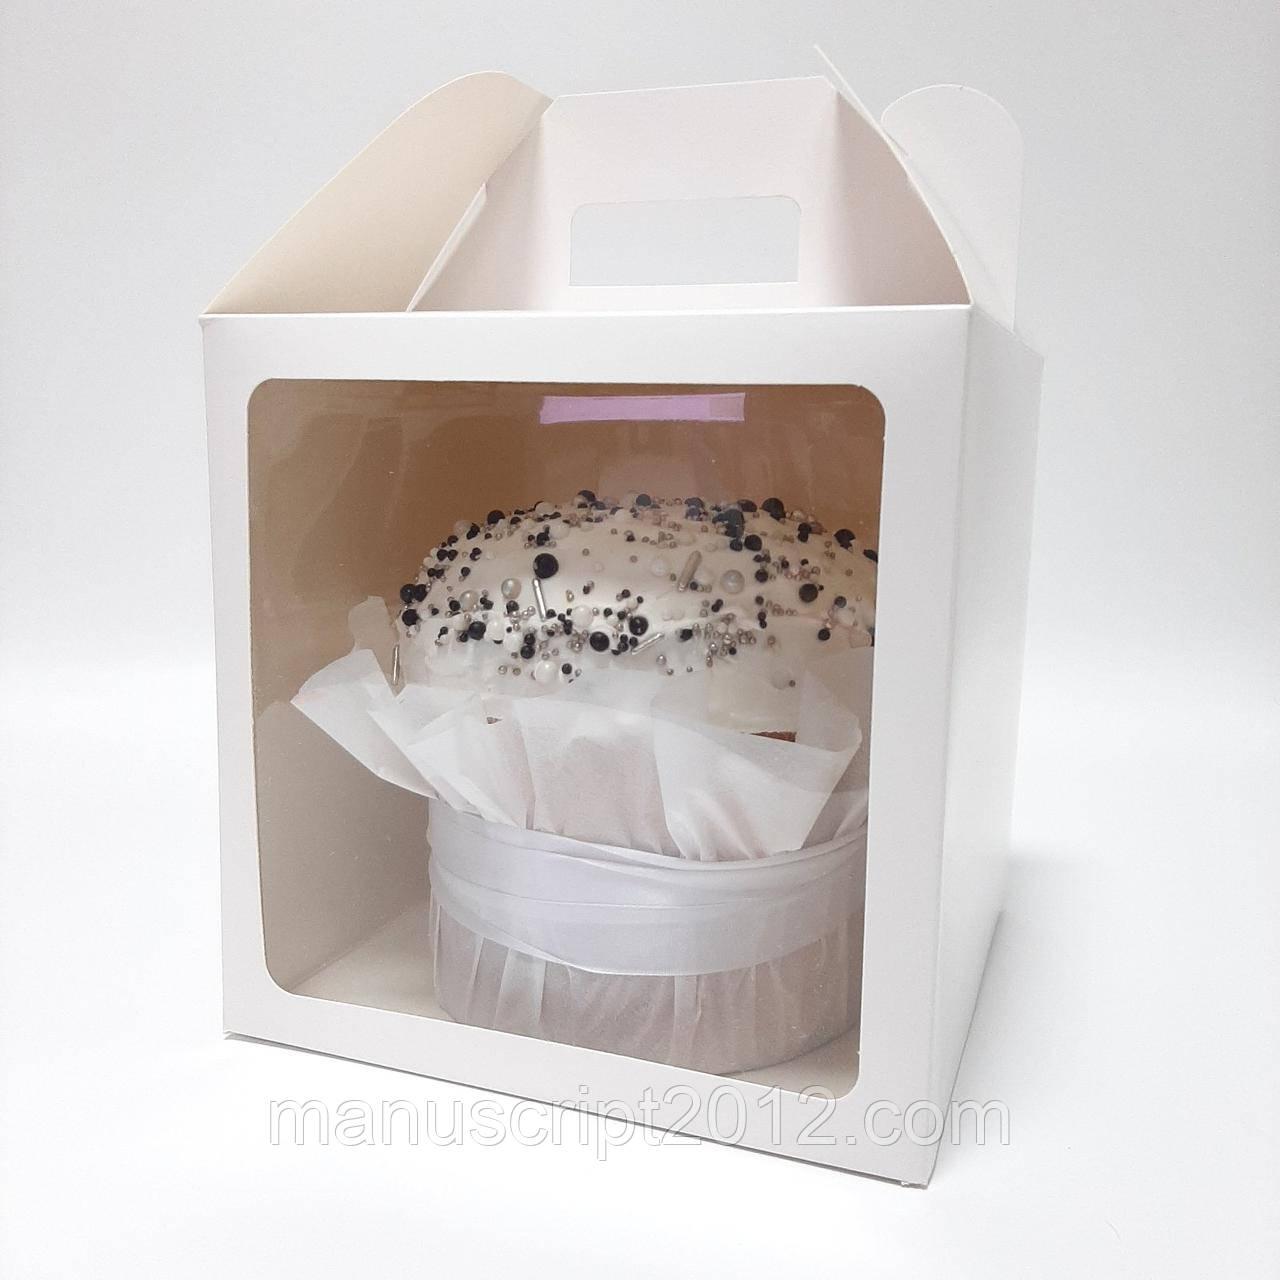 Коробка для тортів, пасок, пряникових будиночків біла 240х240х240 мм.